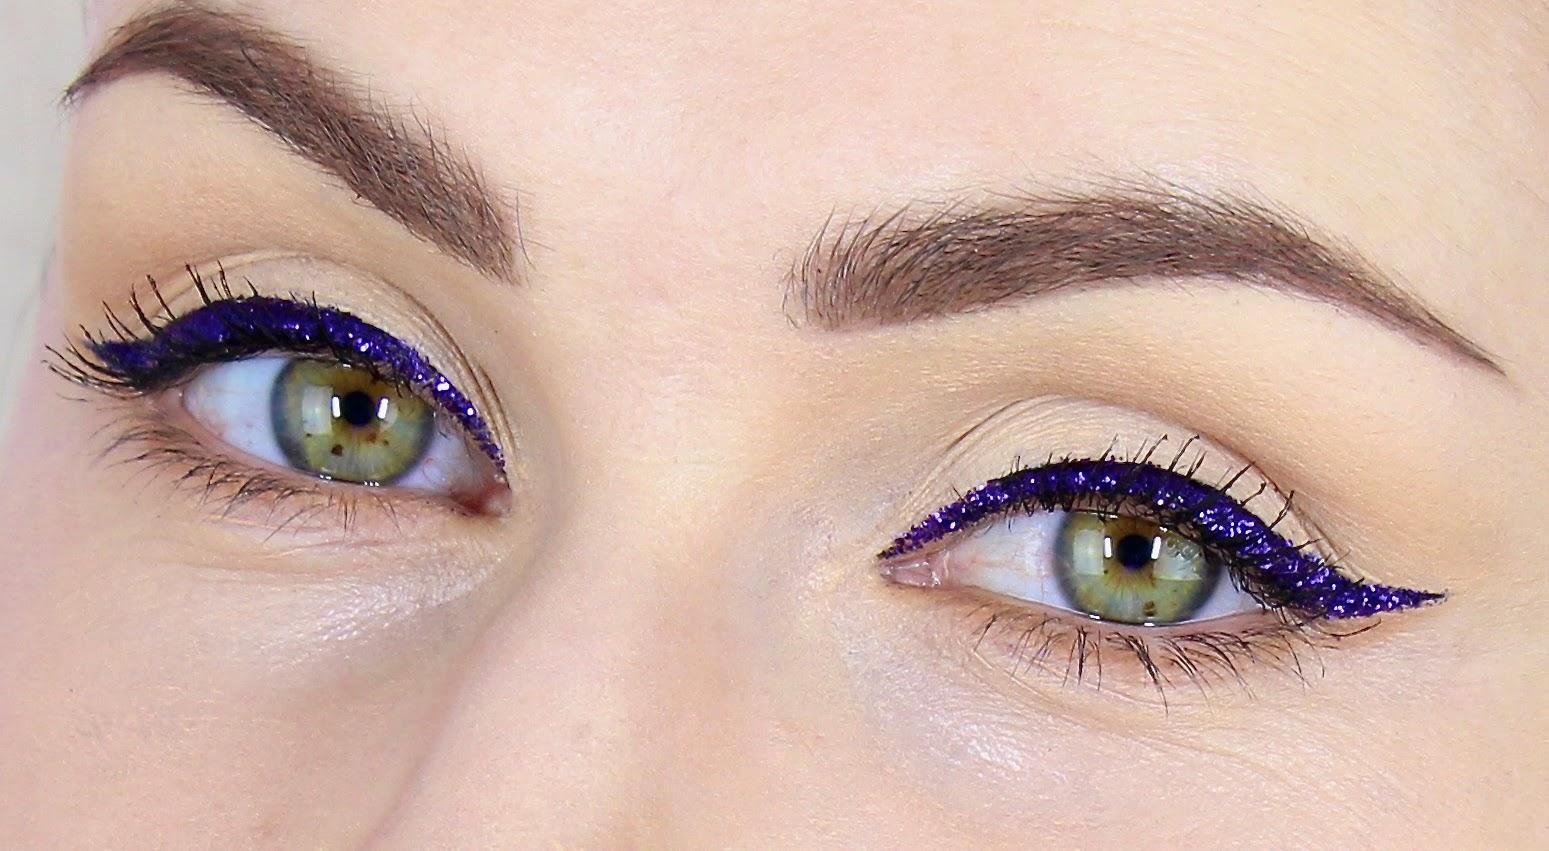 Imagini pentru INGLOT Liquid Eyeliner cu glitter